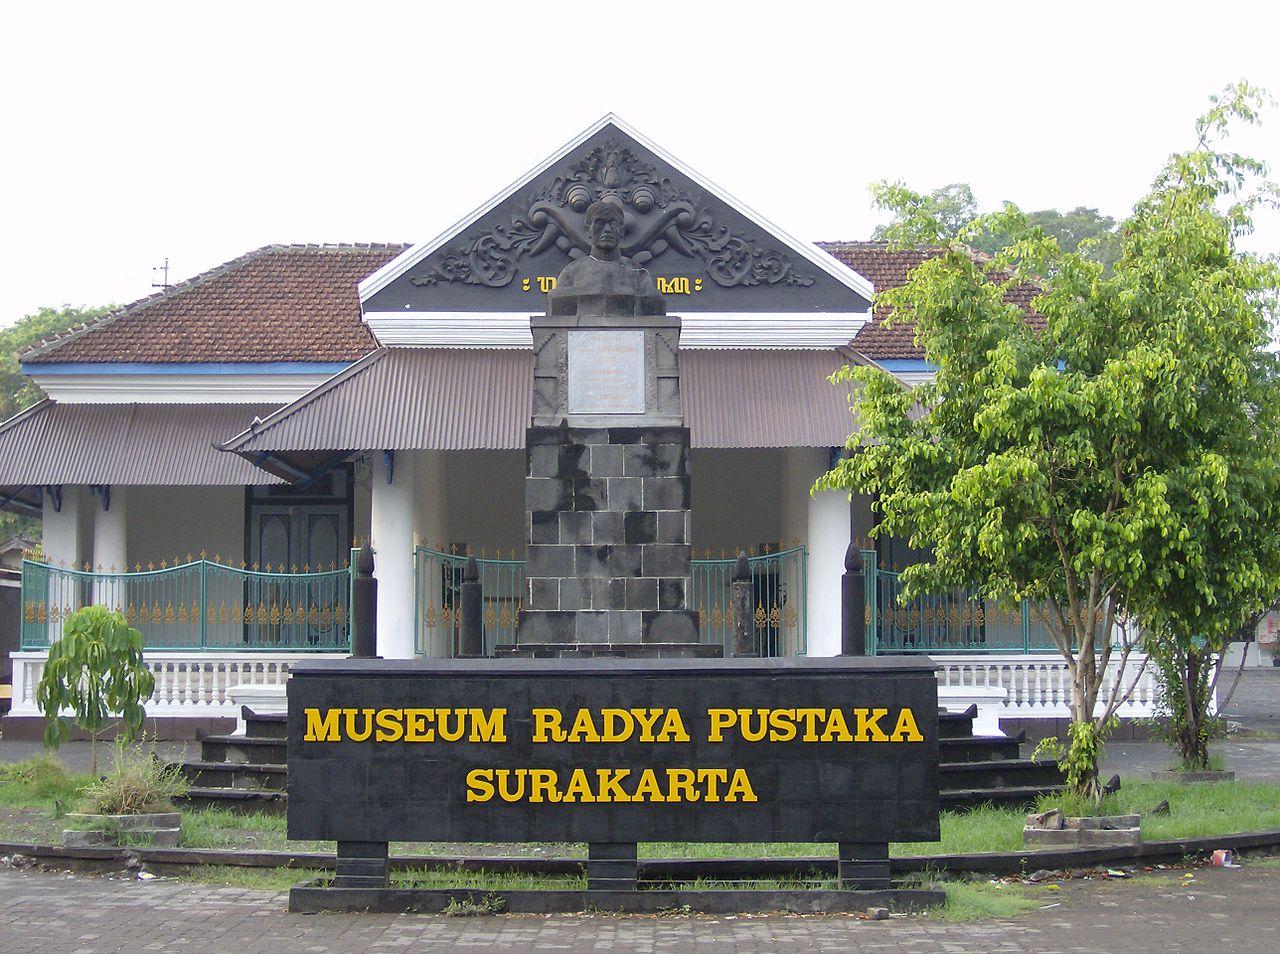 Museum Radya Pustaka | Wikipedia